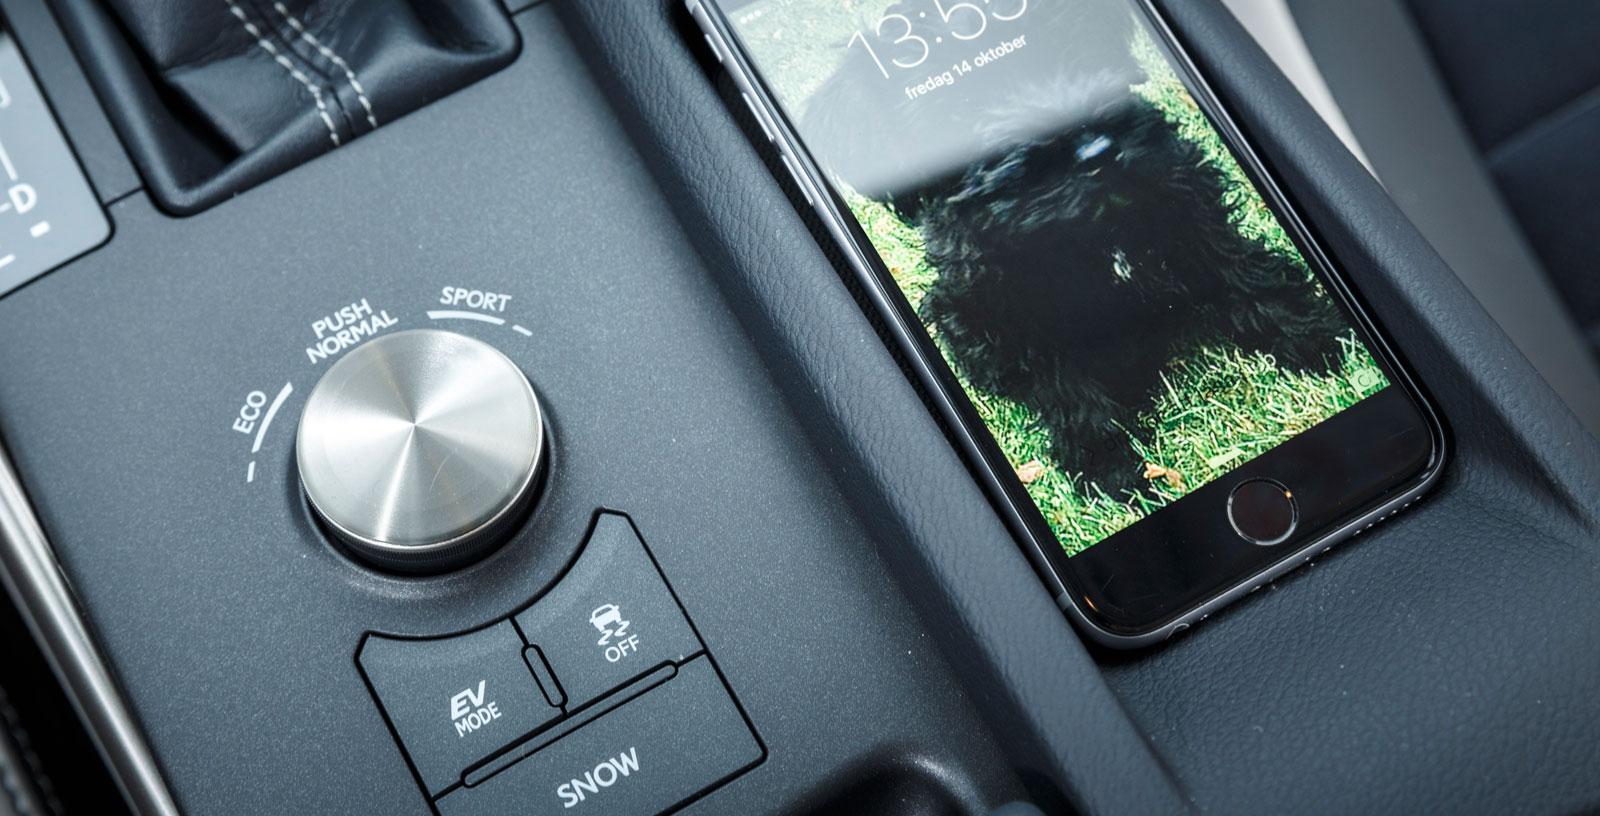 Snyggt och smidigt körlägesvred till vänster, väl utformat telefonfack till höger.